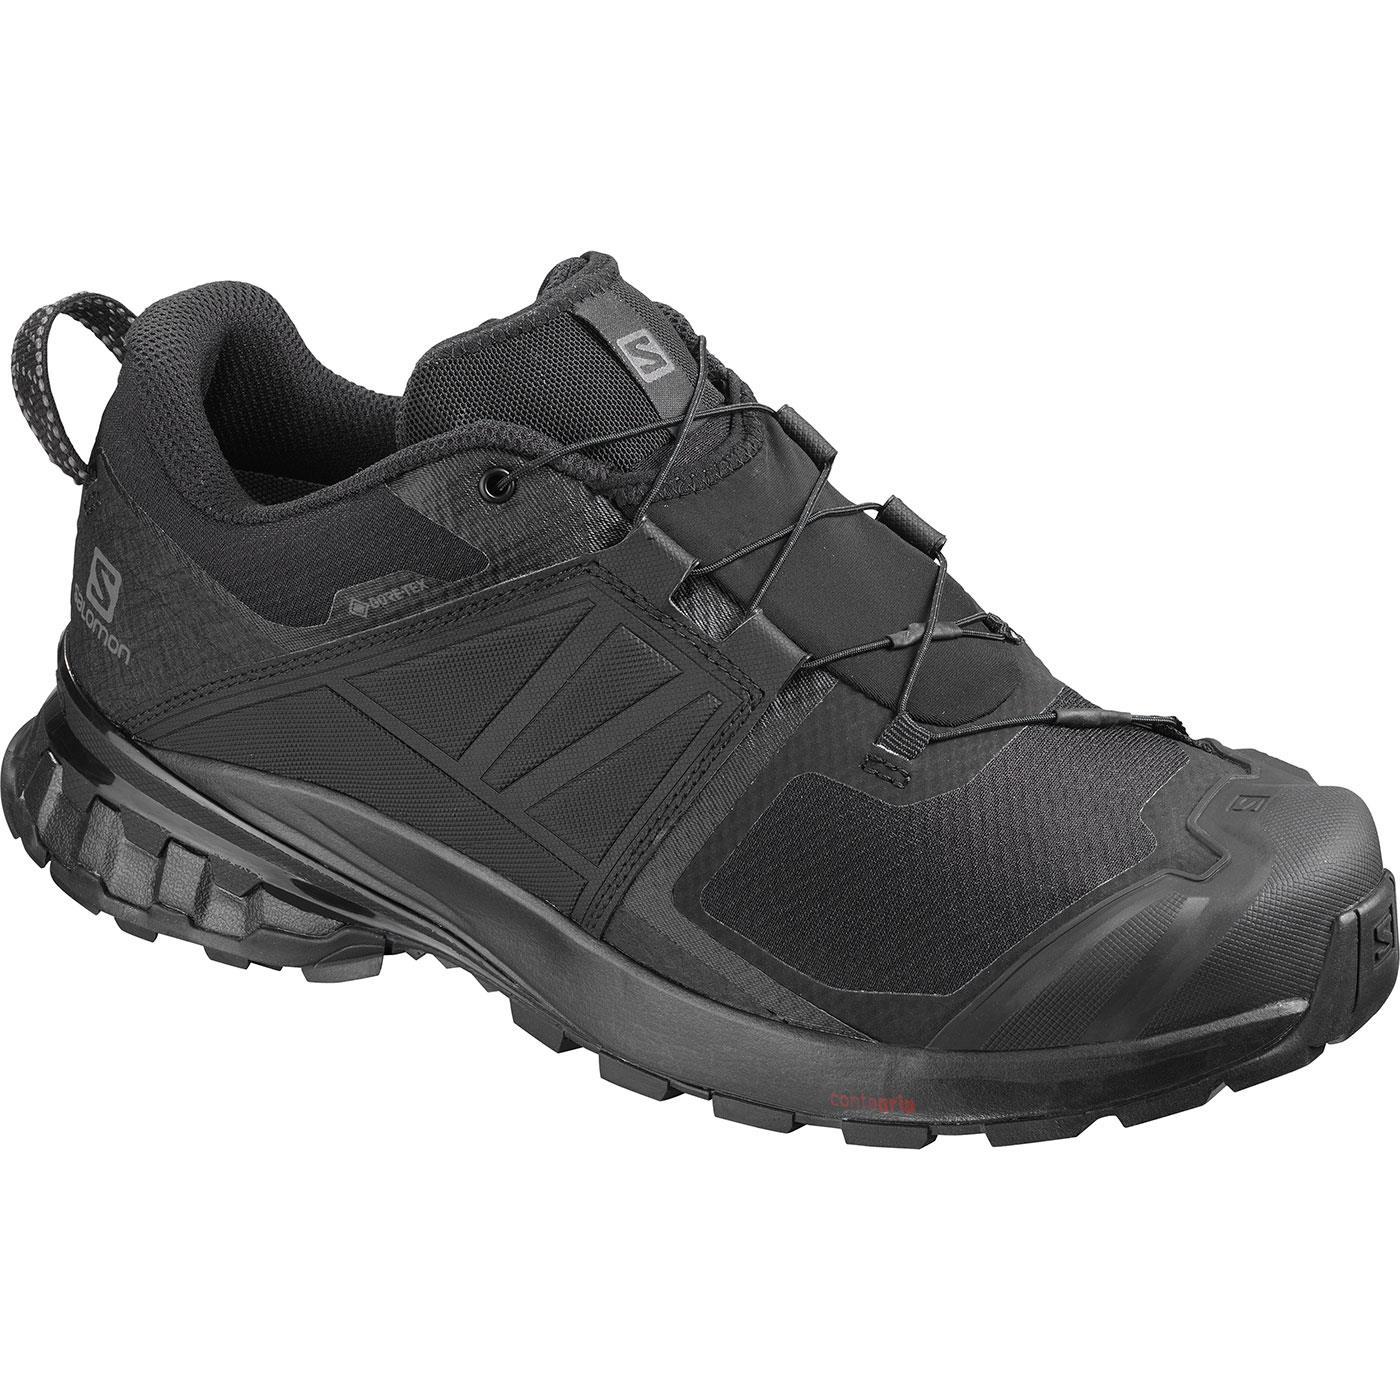 Salomon XA WILD GTX Erkek Ayakkabısı L40980200